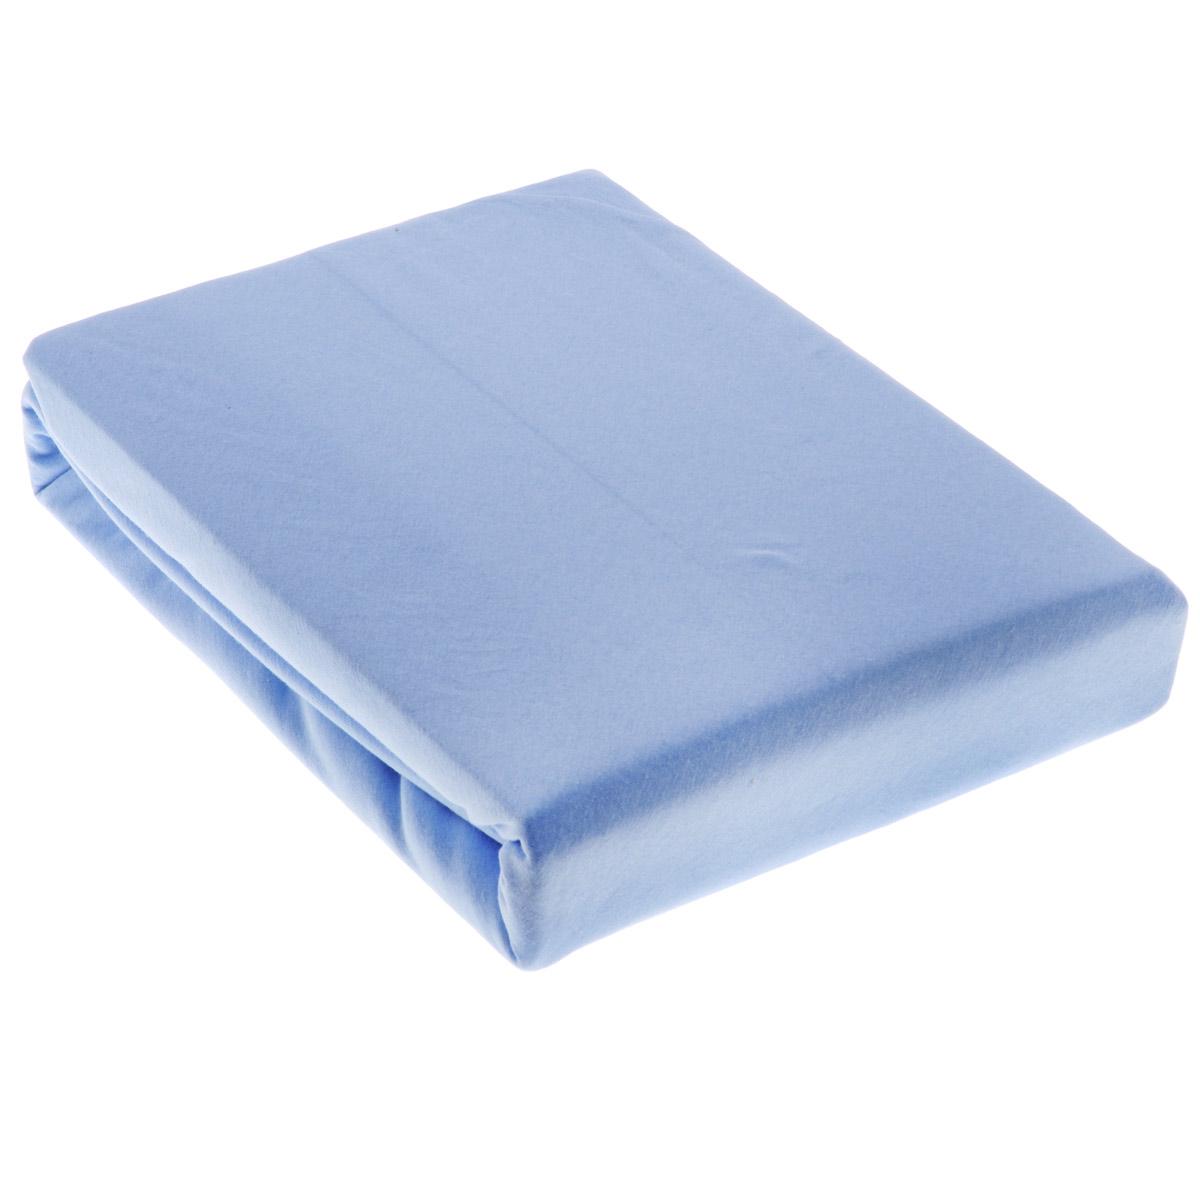 Простыня OL-Tex Джерси, на резинке, цвет: голубой, 180 х 200 х 20 смПтр-180Простыня OL-Tex Джерси изготовлена из гладкокрашеного трикотажного полотна, не имеет швов. По всему периметру простыня снабжена резинкой. Изделие легко одевается на матрасы высотой до 20 см. Идеально подходит в качестве наматрасника. Рекомендации по уходу: - Ручная и машинная стирка при температуре 30°С. - Гладить при средней температуре до 150°С. - Не отбеливать. - Можно сушить и отжимать в стиральной машине. - Химчистка запрещена.